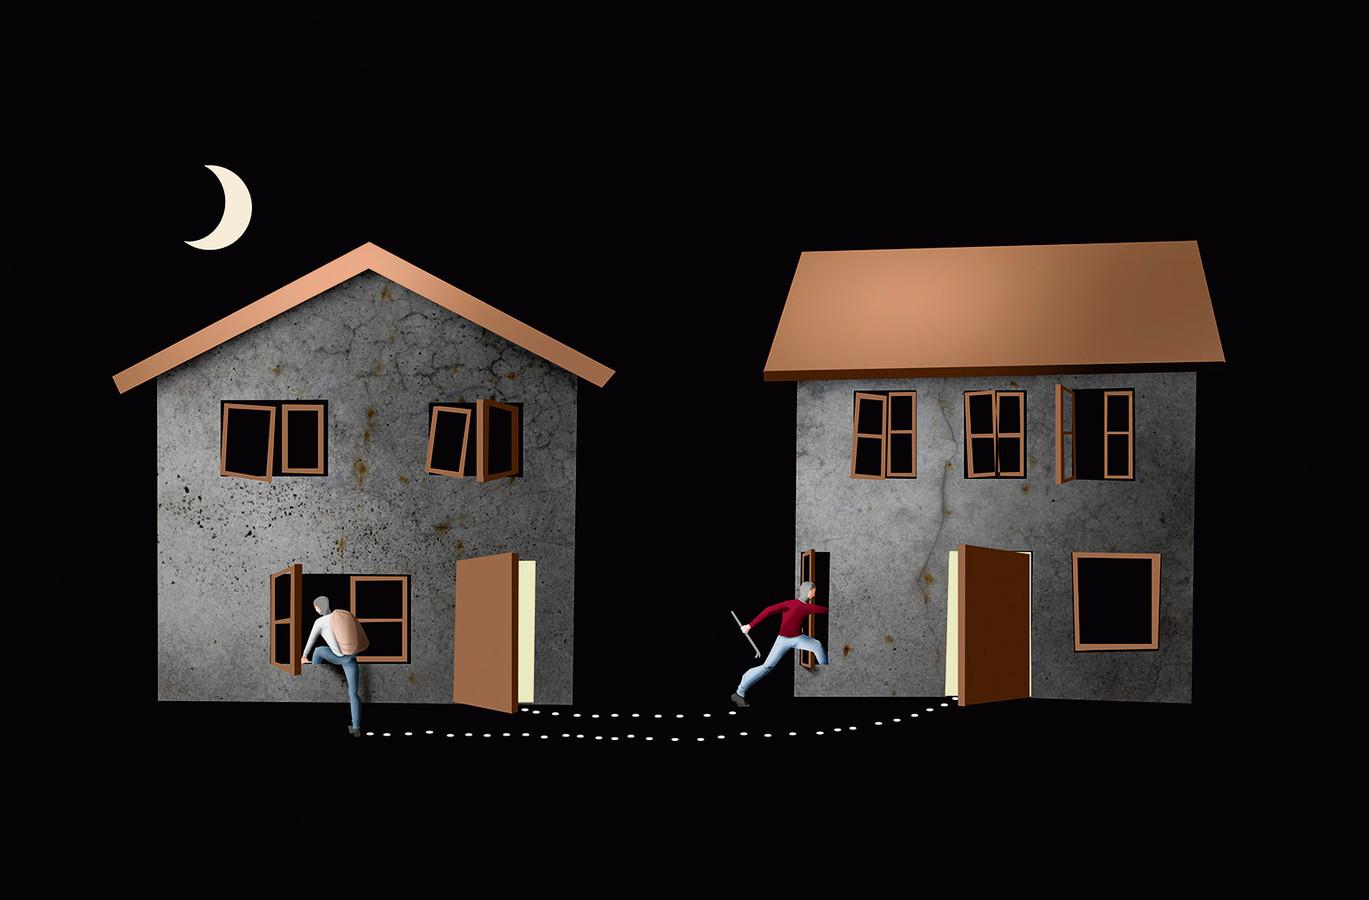 Mensen met een laag inkomen zijn vaker slachtoffer van berovingen en diefstal